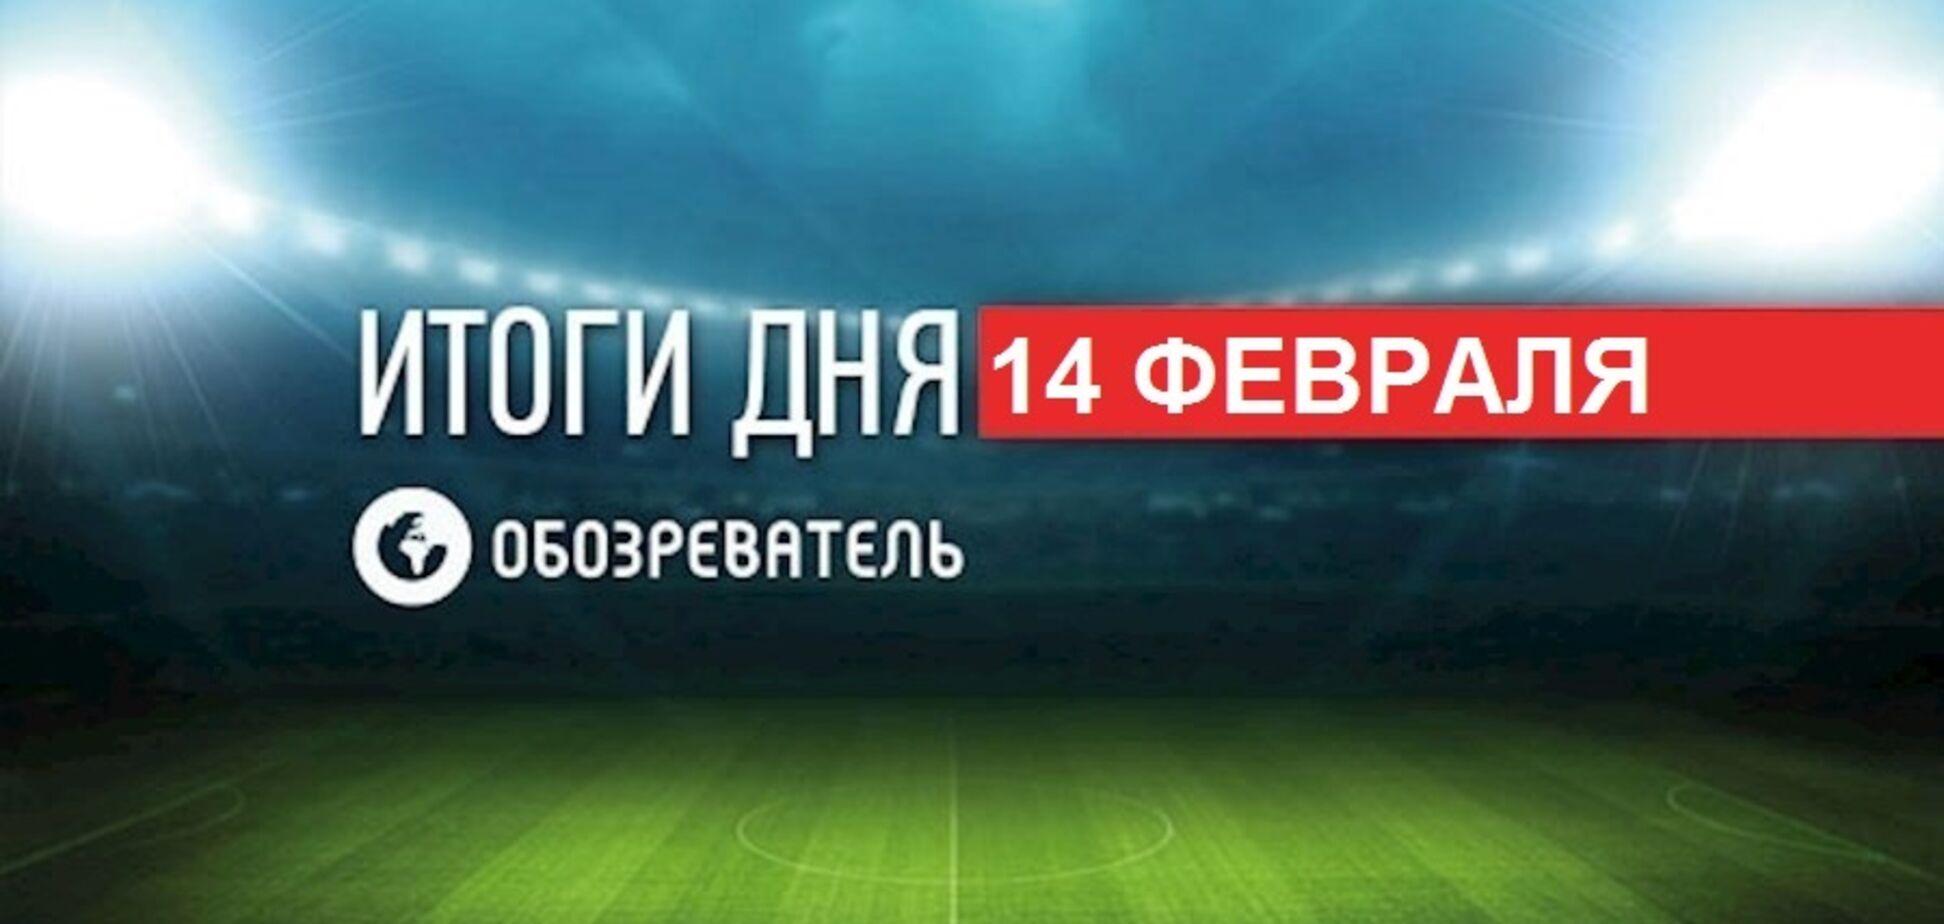 На матче 'Динамо' в Лиге Европы вывесили российский флаг: спортивные итоги 14 февраля